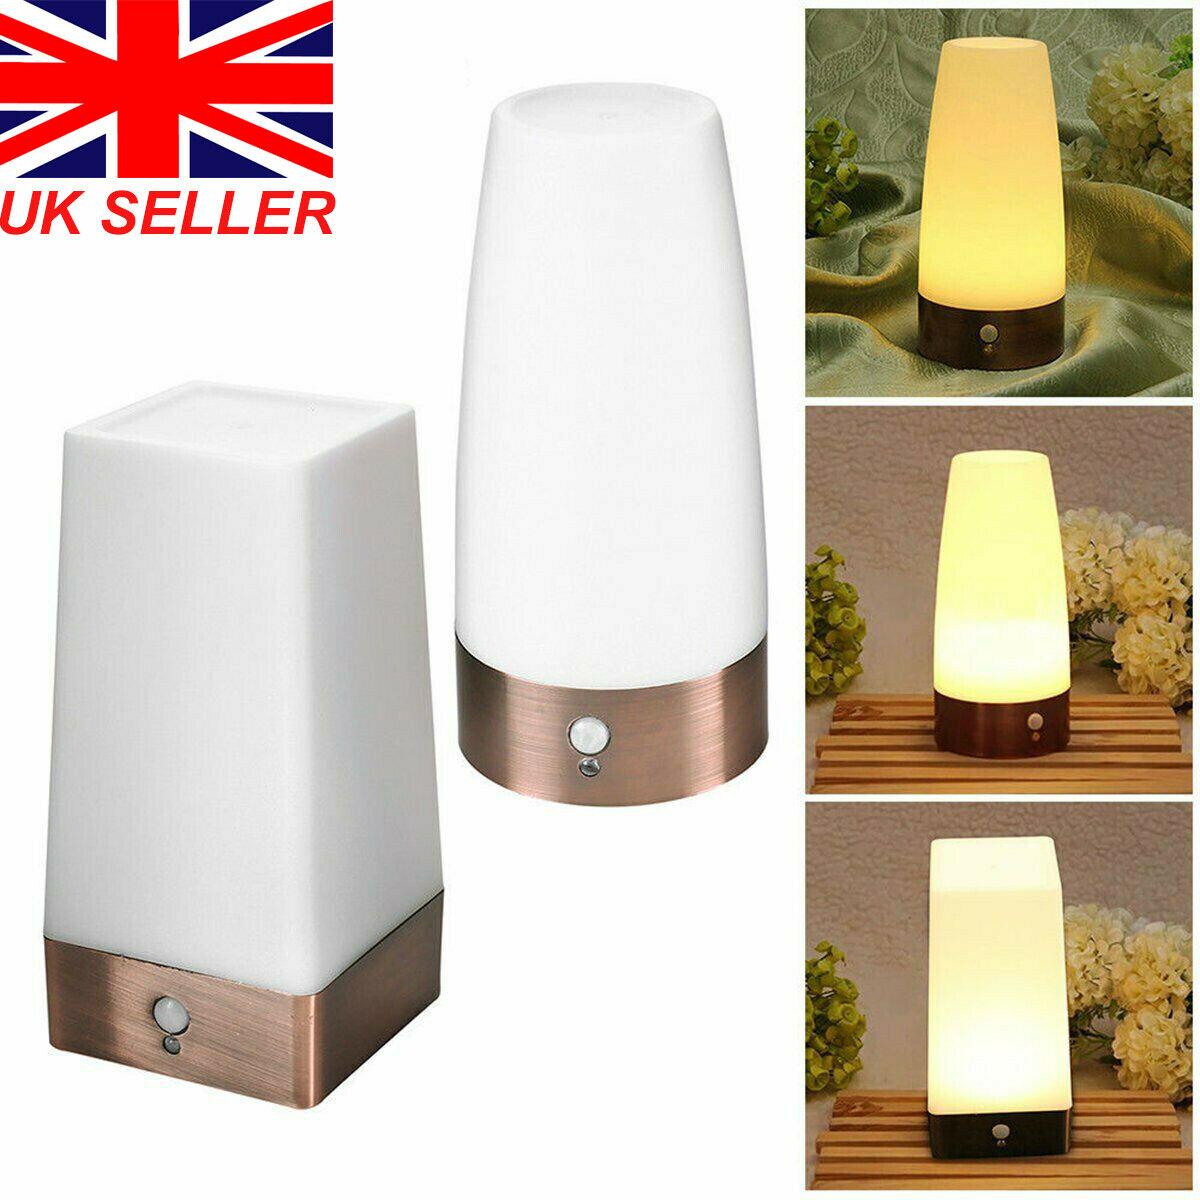 Wireless PIR Motion Sensor LED Night Light Battery Powered Table Lamp For Home